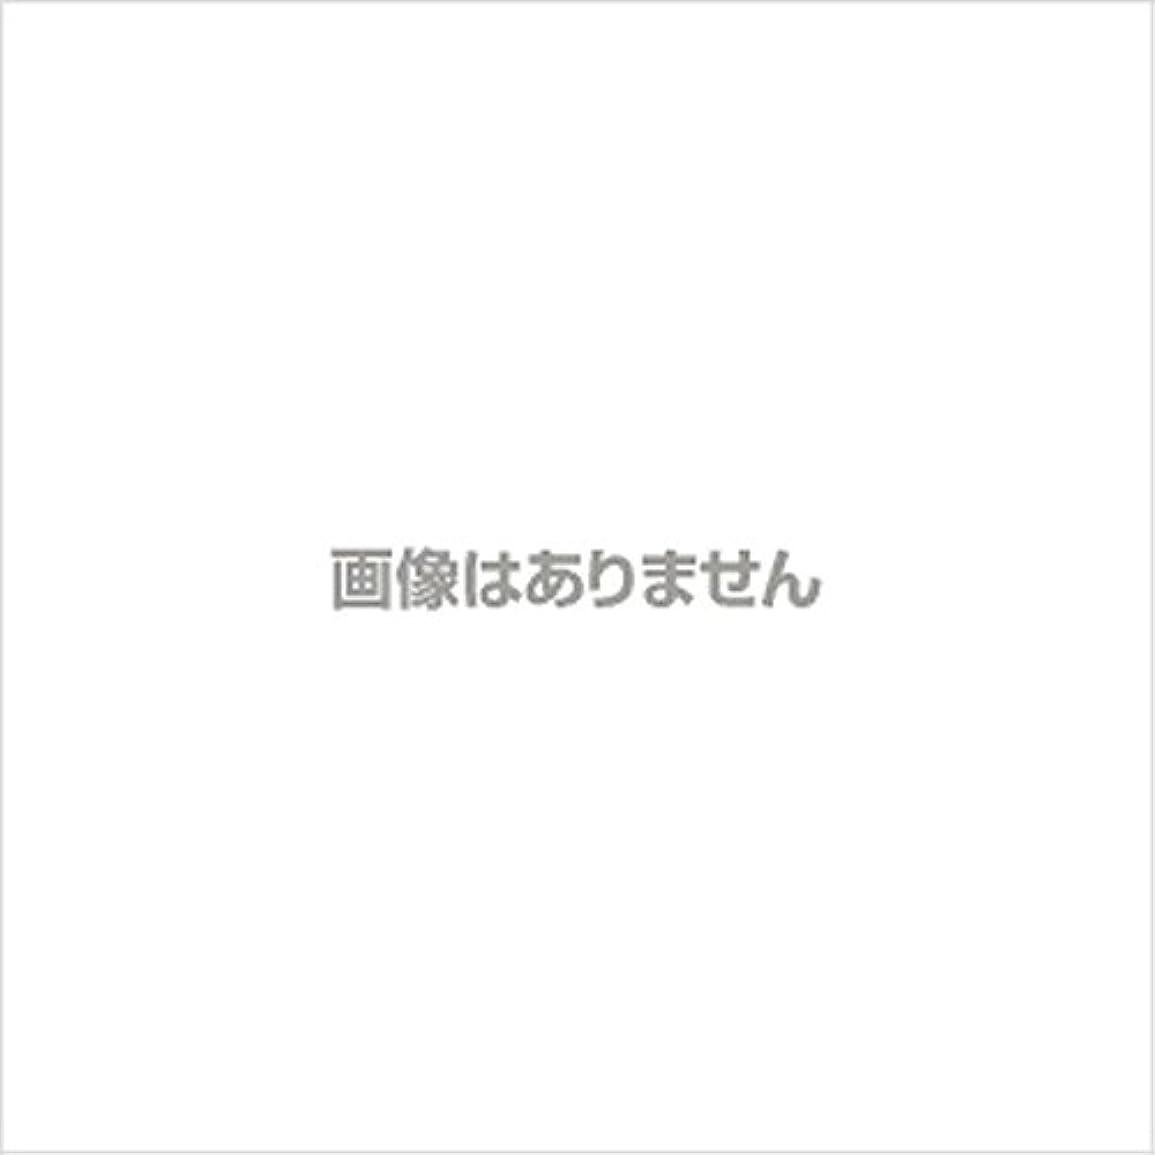 依存するラウンジ私たちの【新発売】EBUKEA エブケアNO1002 プラスチックグローブ(粉付)Mサイズ 100枚入(極薄?半透明)